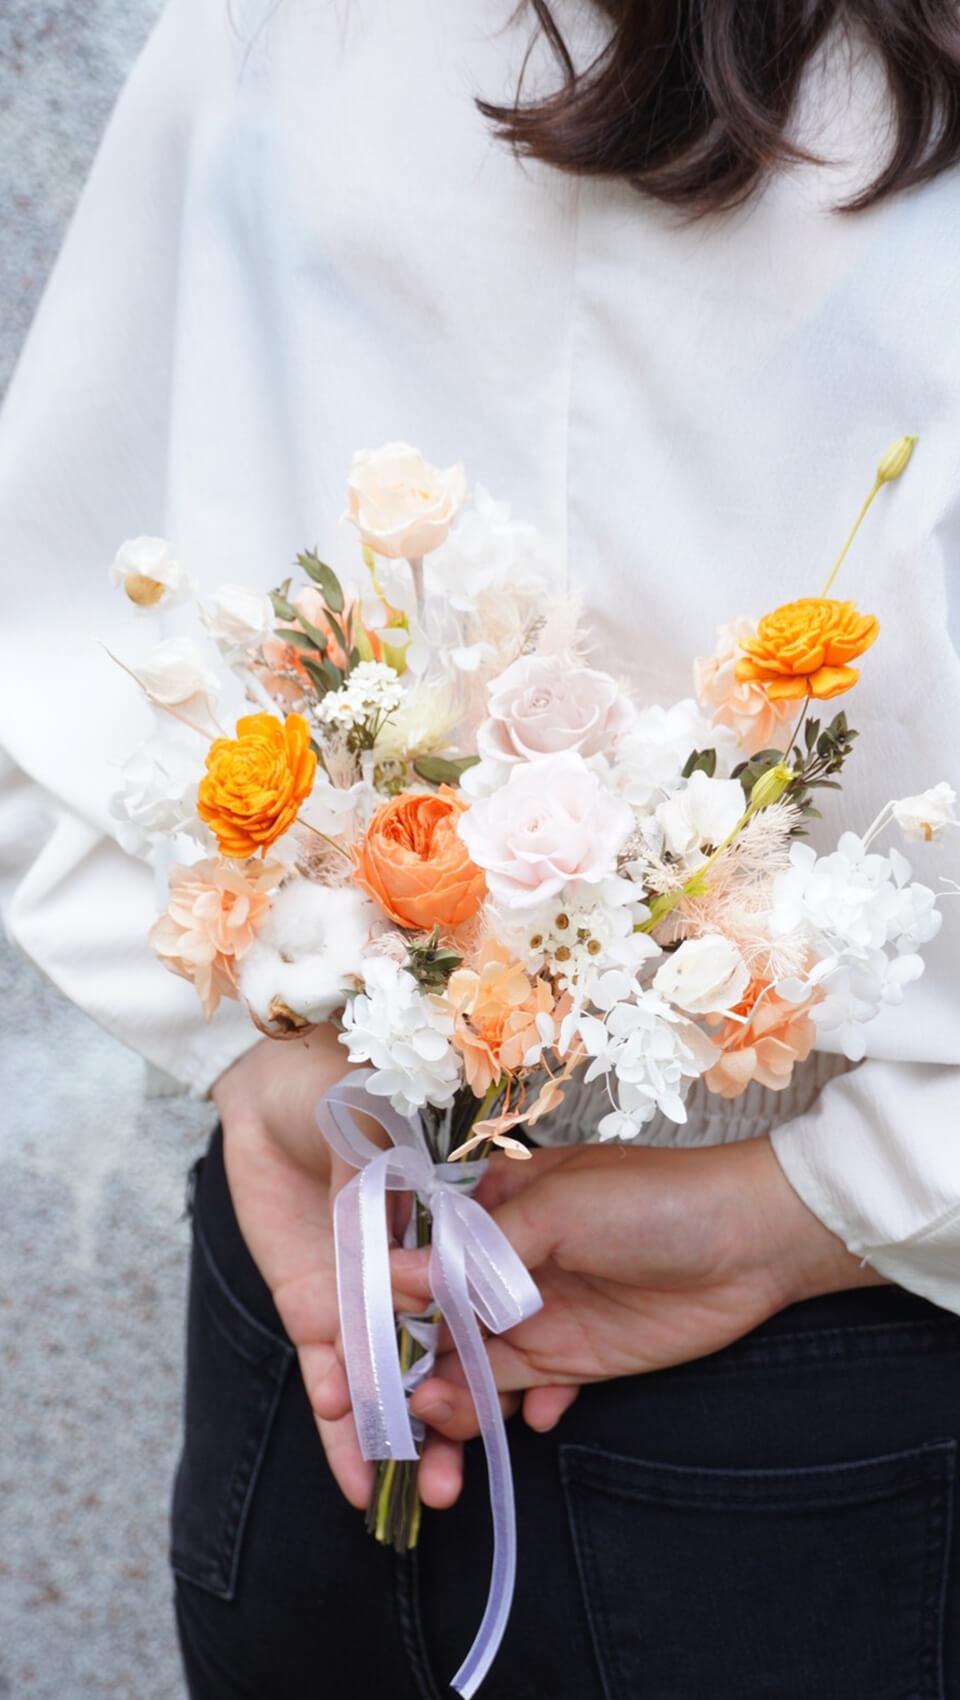 婚約之情| 永生暖橘小捧花